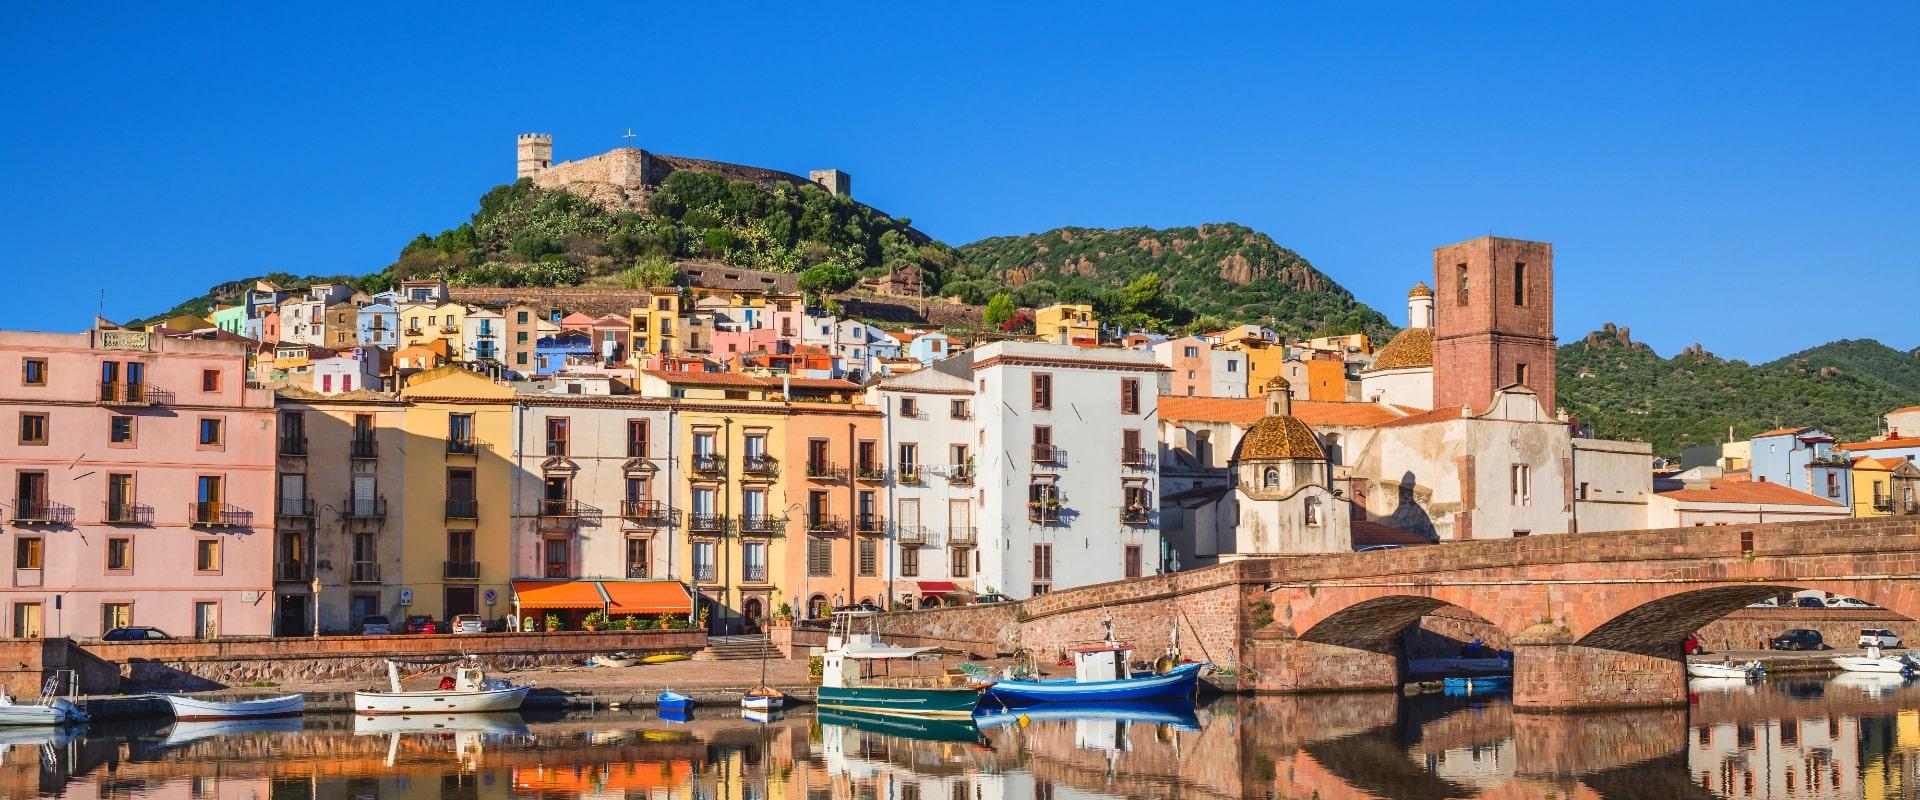 Experience Sardinia - Bosa